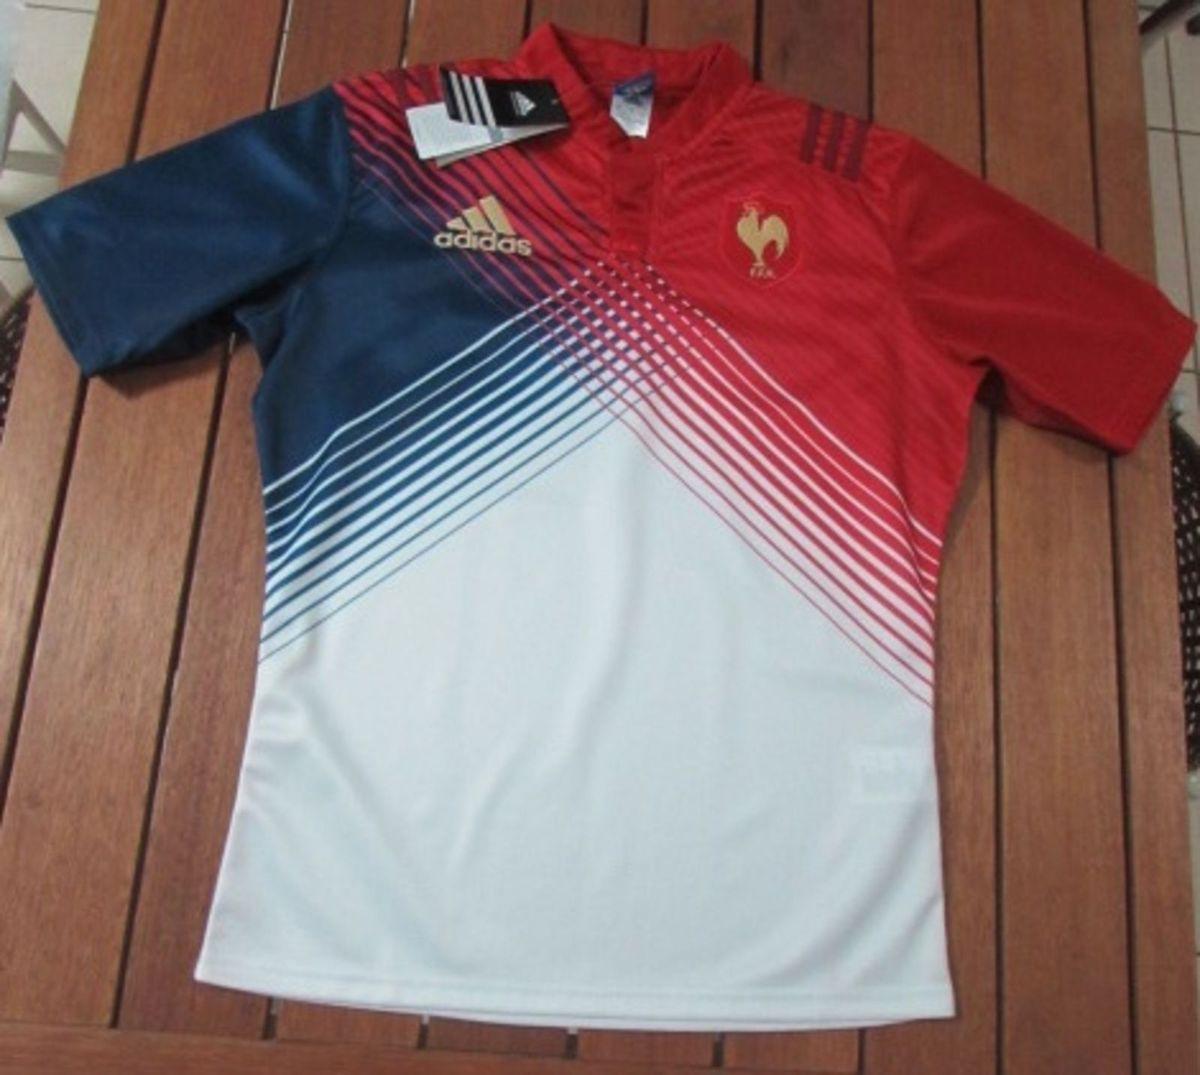 2a13f35007 camisa rugby seleção frança - esportes adidas.  Czm6ly9wag90b3muzw5qb2vplmnvbs5ici9wcm9kdwn0cy83mza4mjqylzbkyjcwmjjkngi5ndi1ndy0nmiyotq1zwqznja1ndjilmpwzw  ...